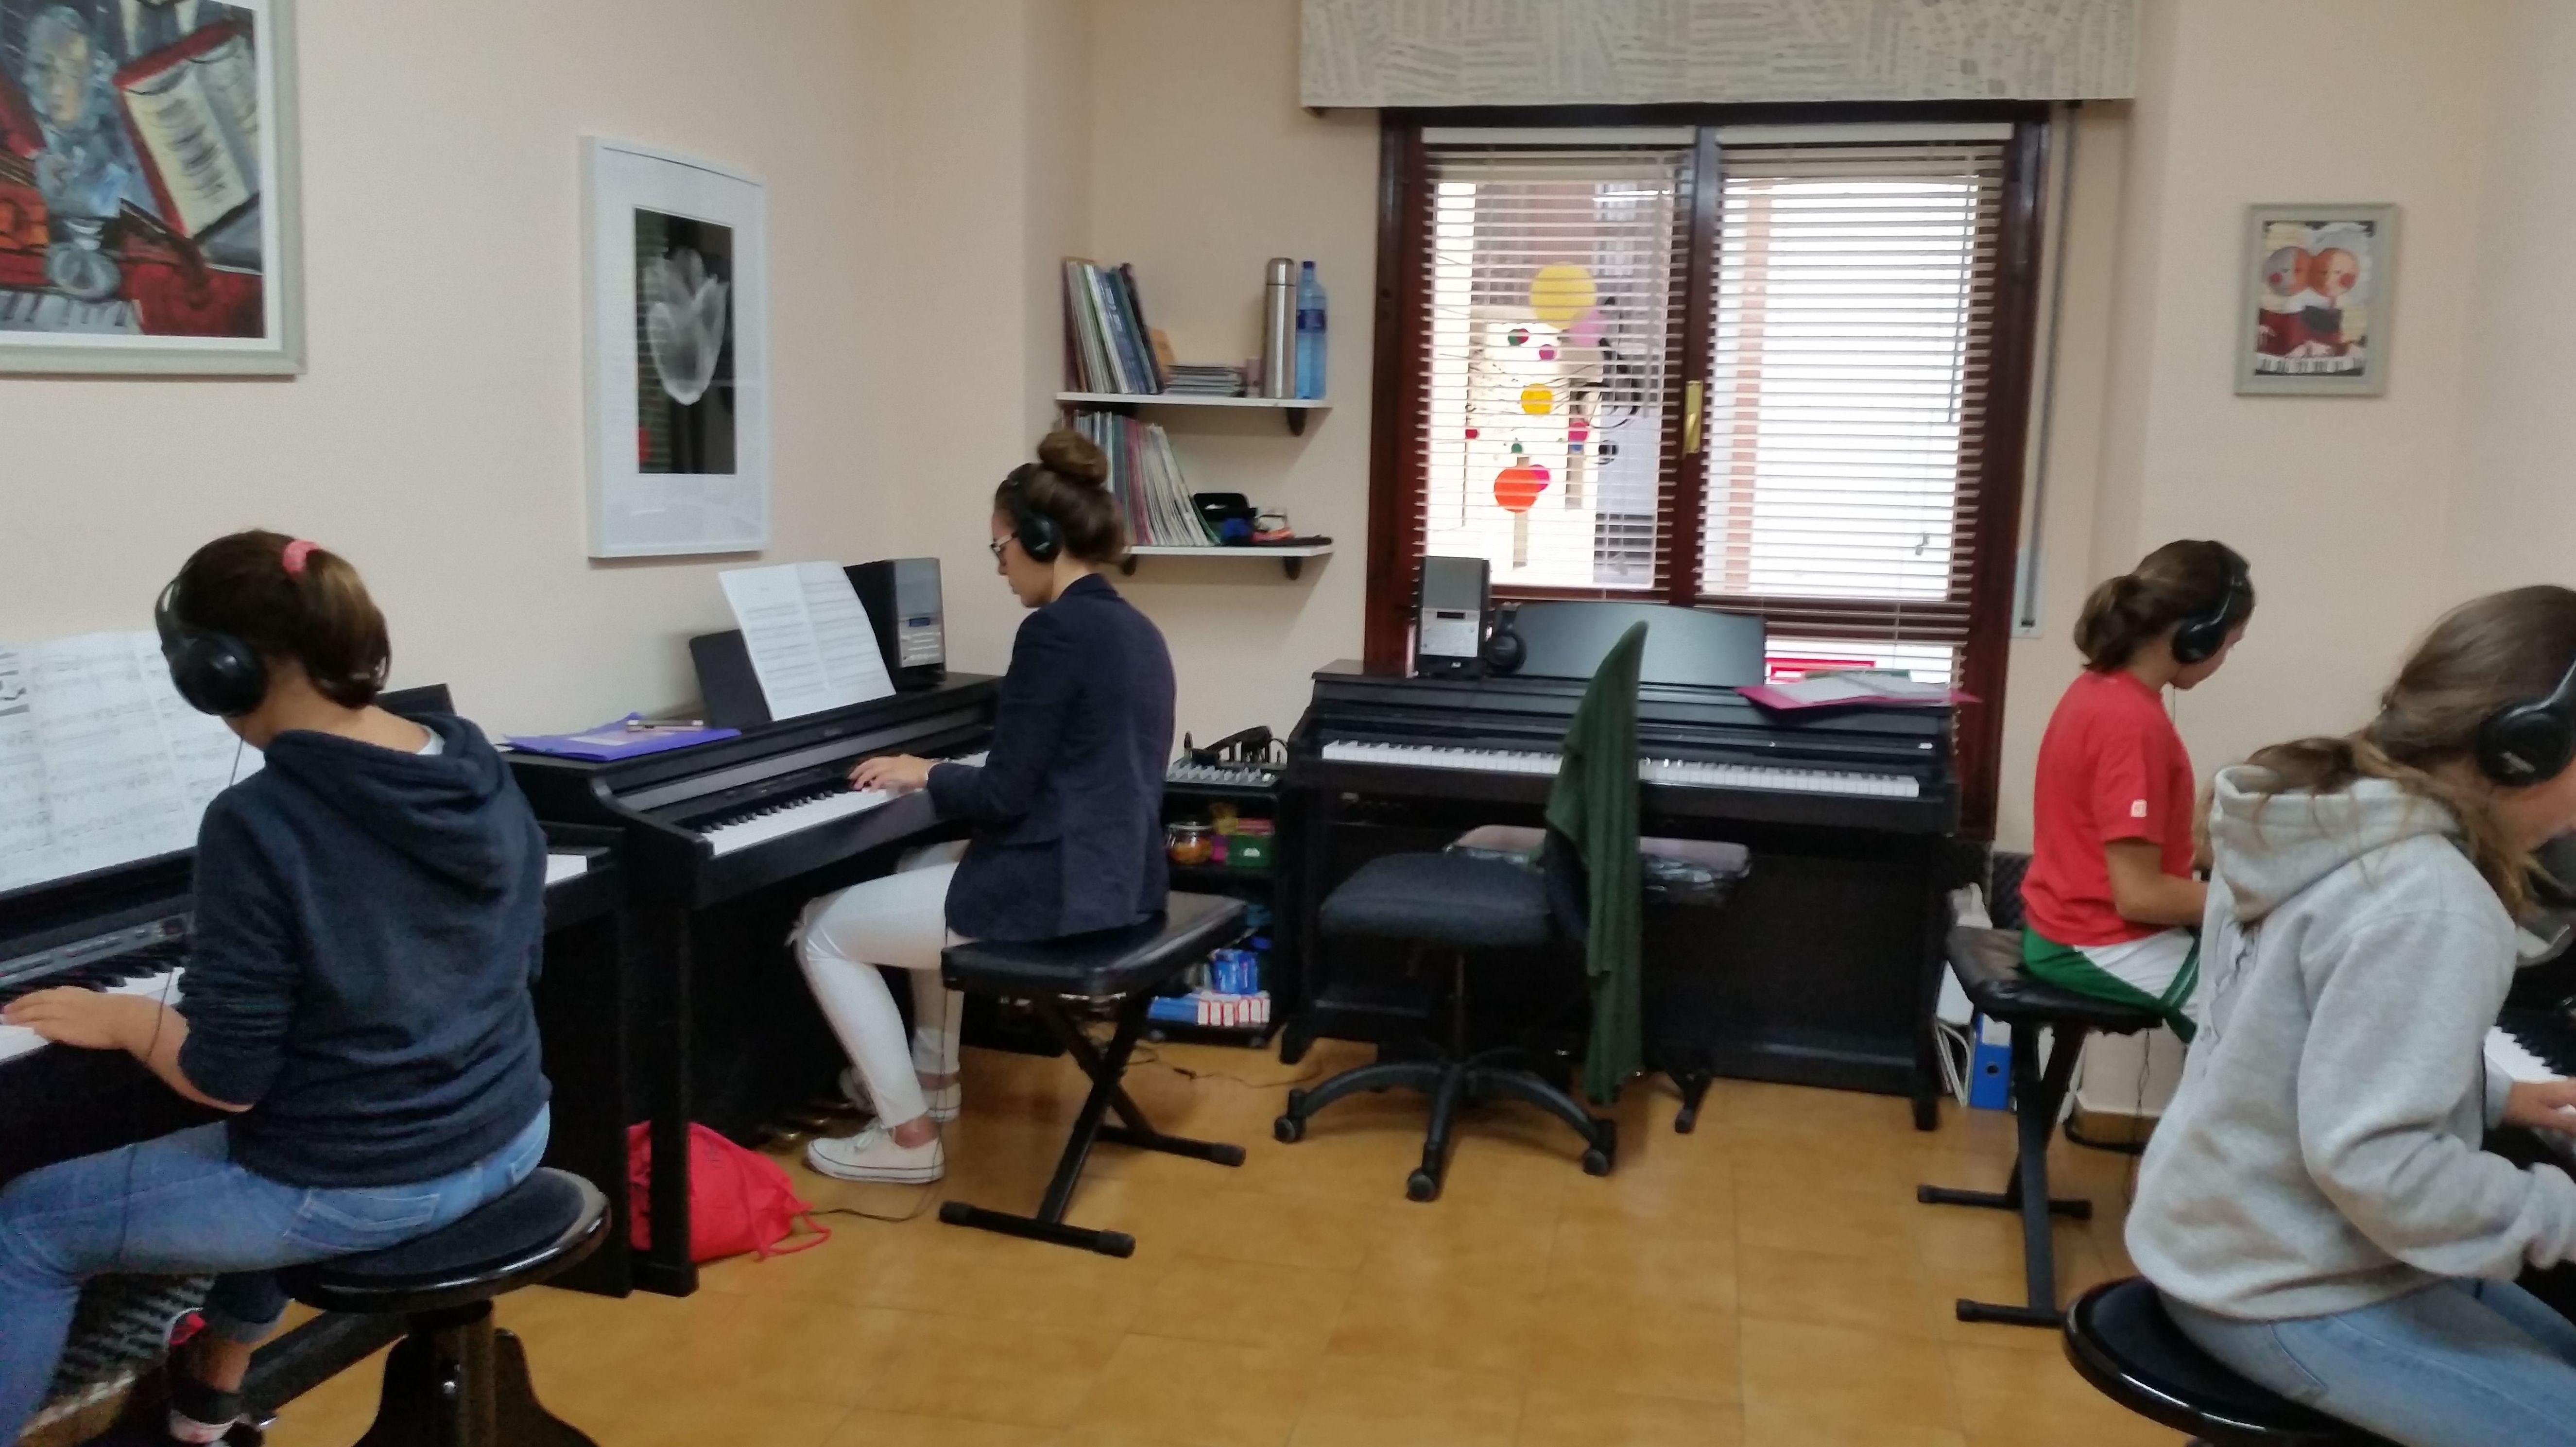 Foto 3 de Escuelas de música, danza e interpretación en Mungia | Academia de Guitarra y Piano Roland